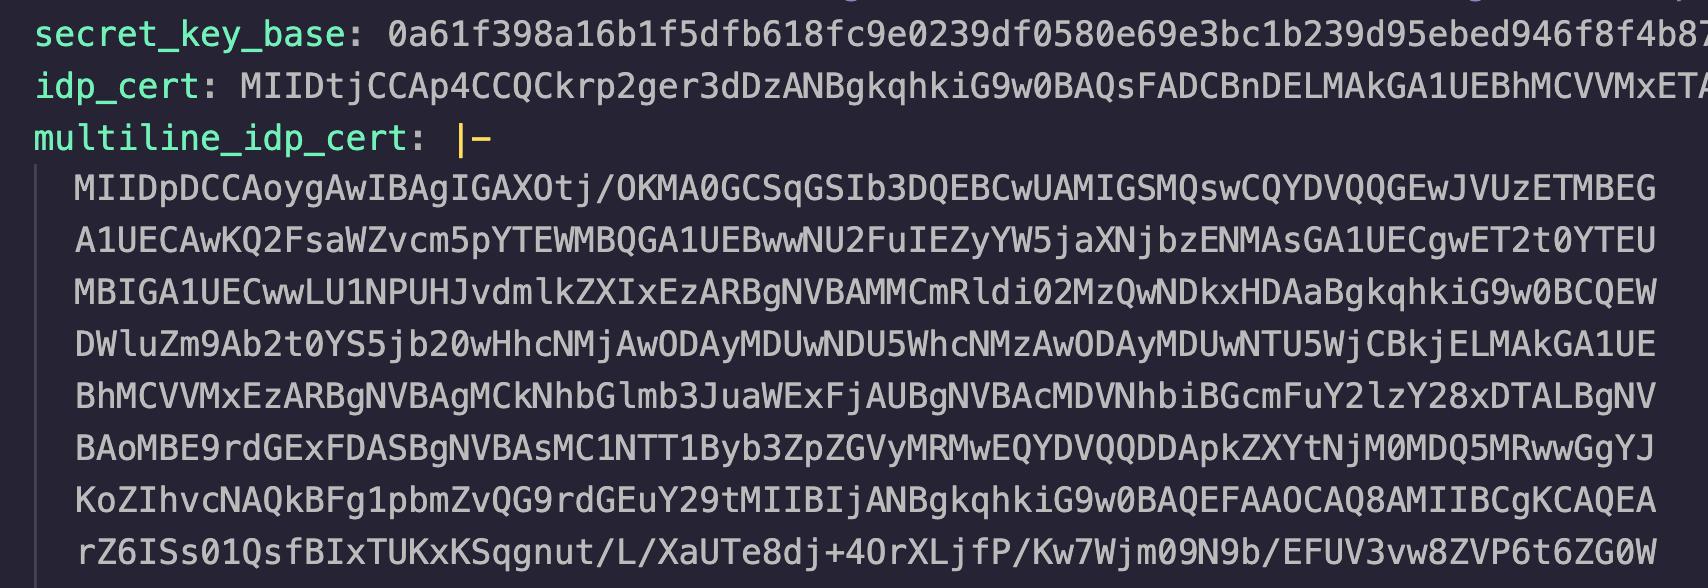 Rails credentials example